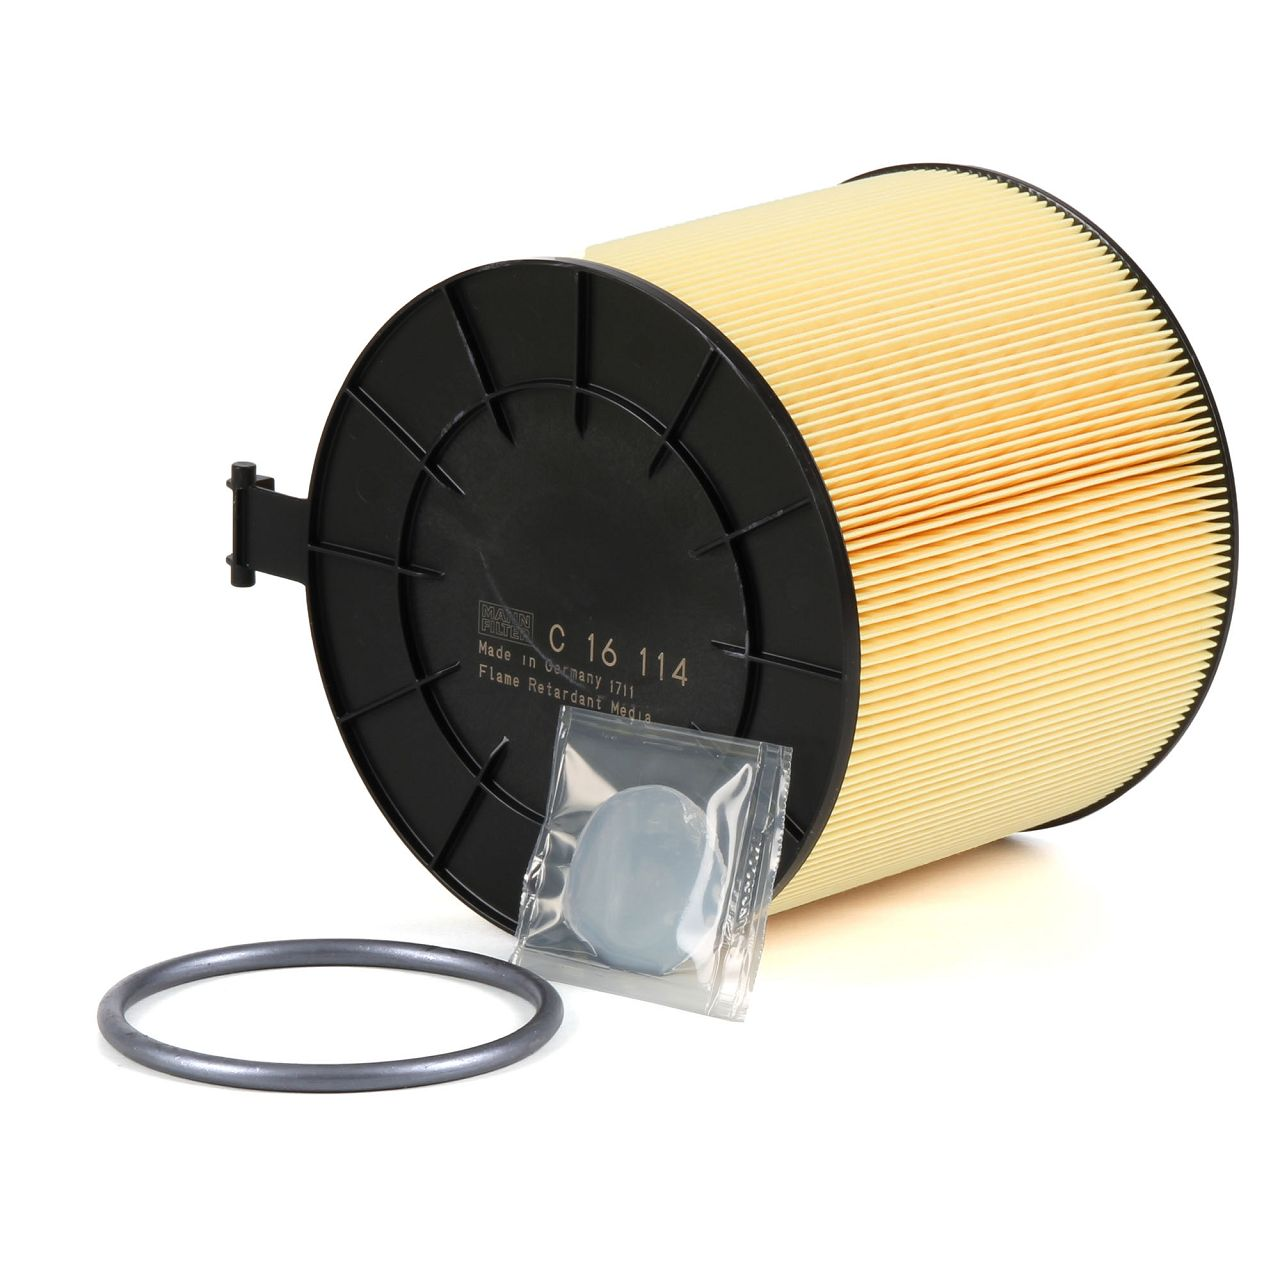 MANN Filterset für AUDI A4 (8K B8) A5 (8T 8F) Q5 (8R) 3.0 TFSI 3.2 FSI S4 S5